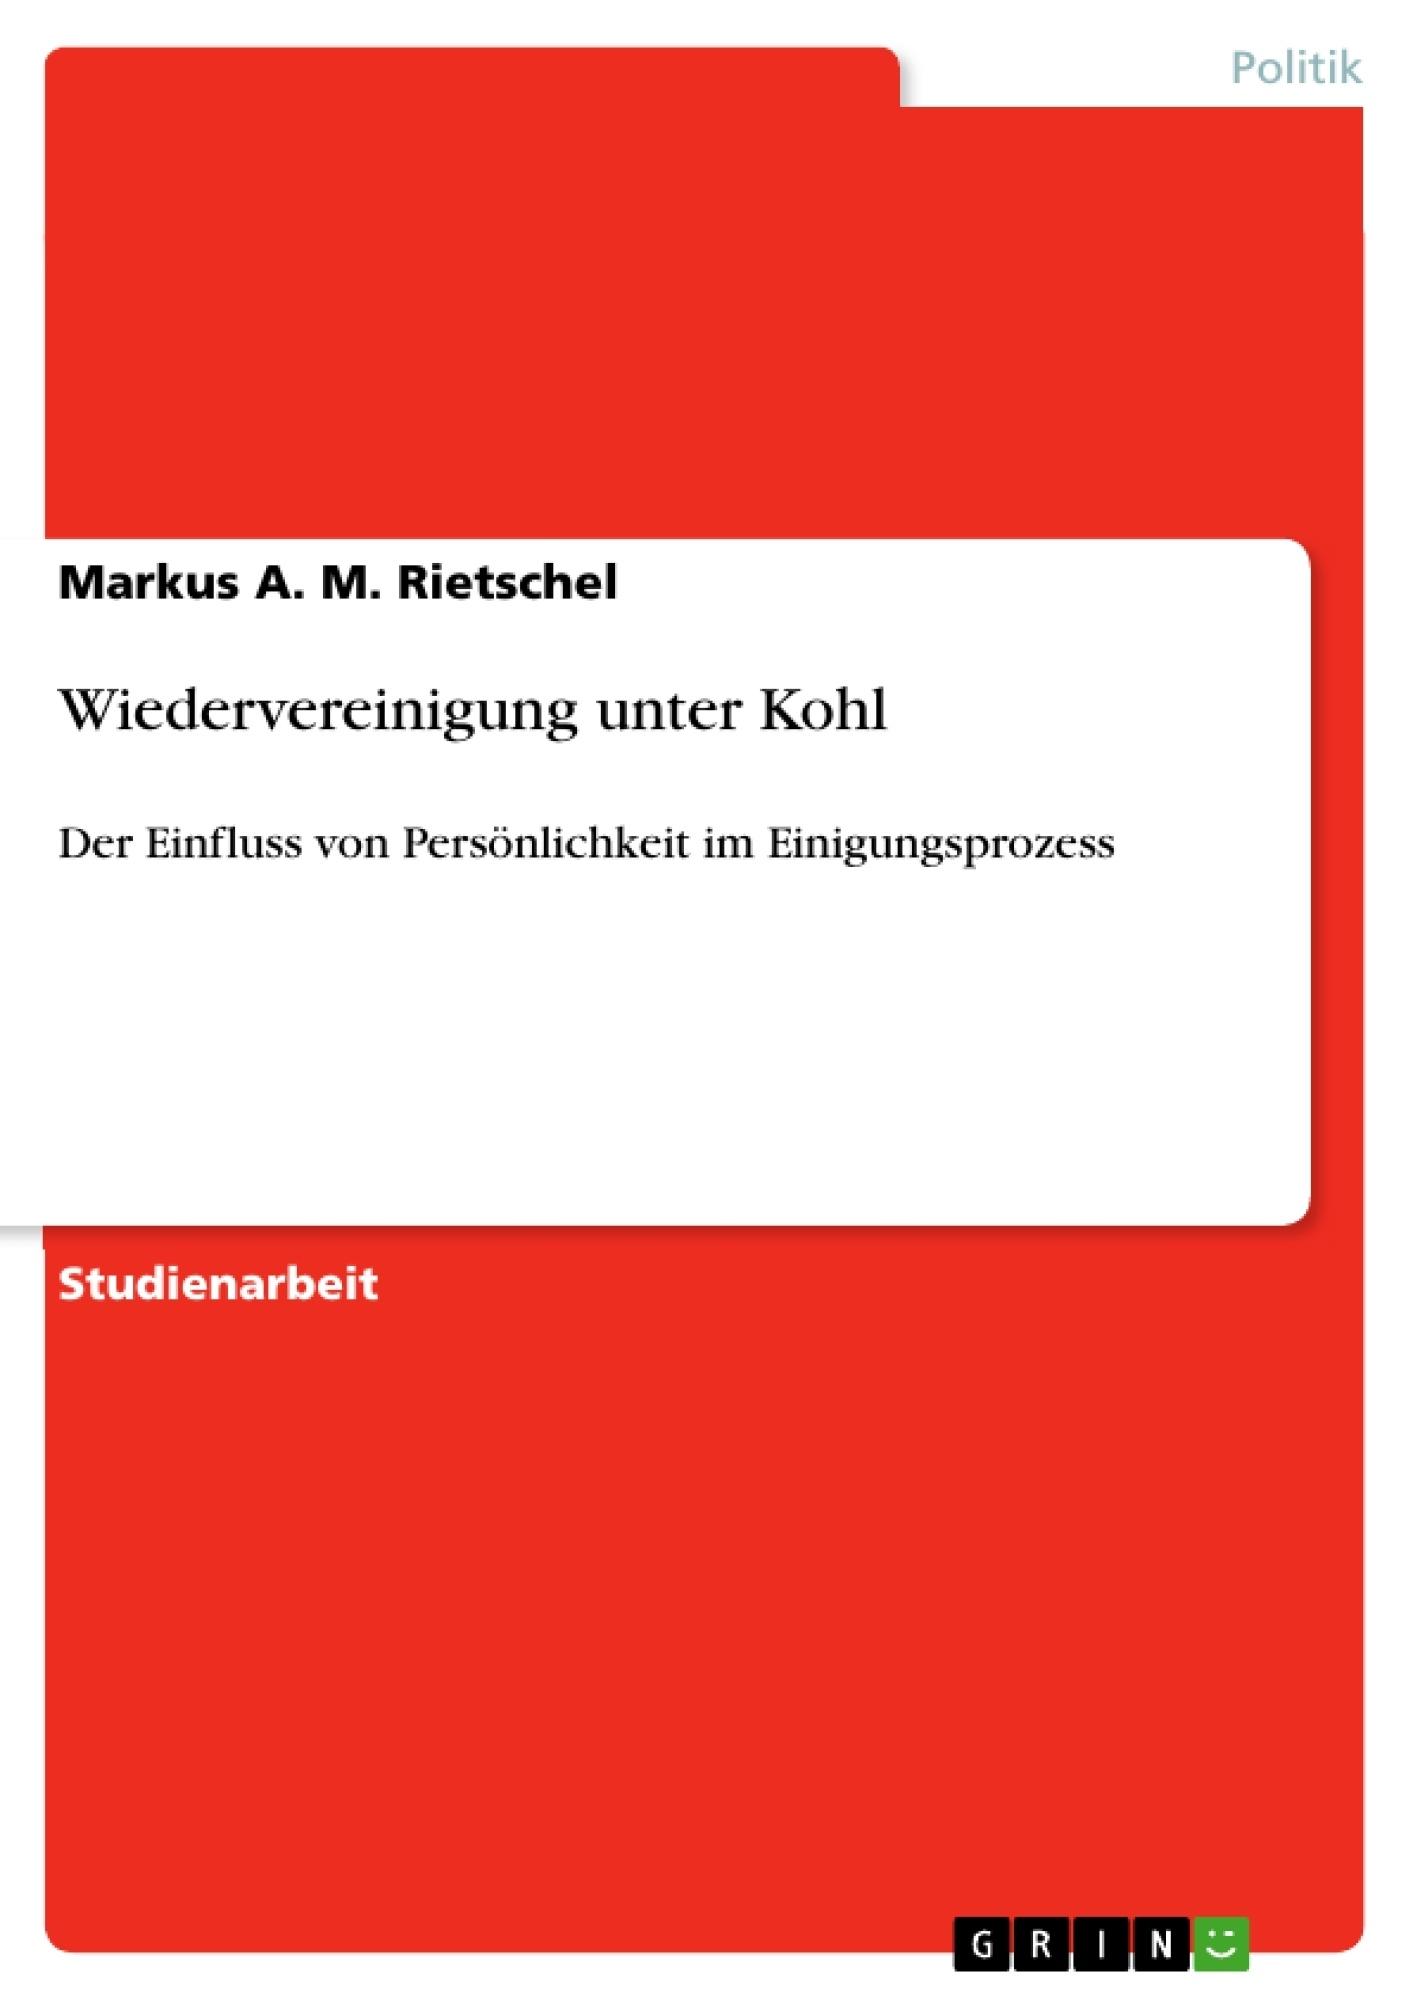 Titel: Wiedervereinigung unter Kohl